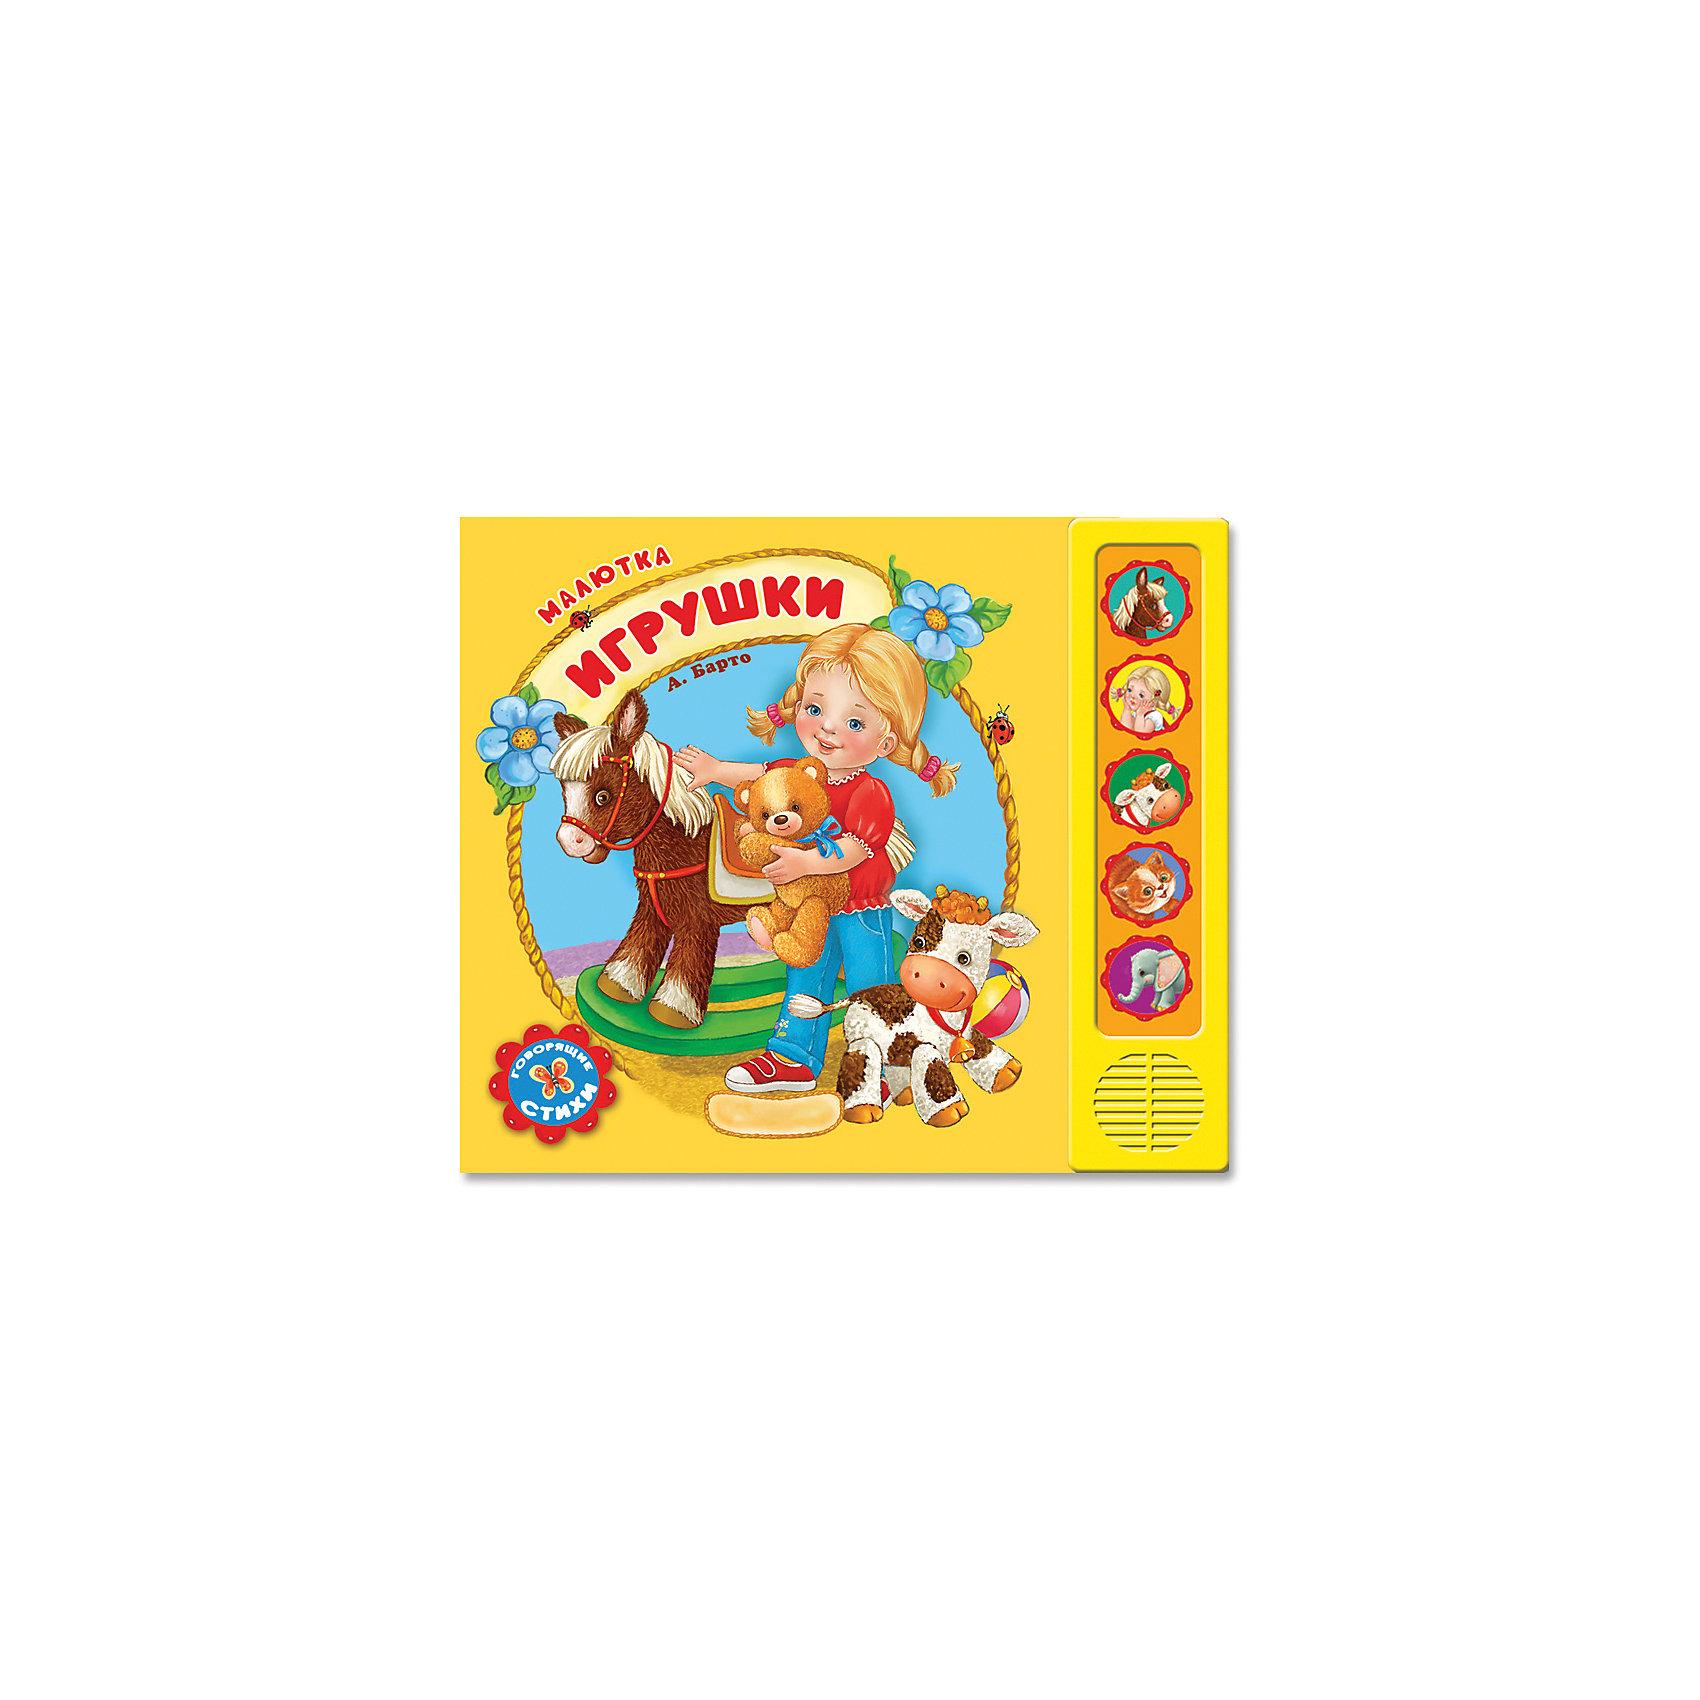 Книга со звуковым модулем ИгрушкиЭта книжка обязательно понравится всем малышам! Рассматривай яркие иллюстрации, нажимай на кнопочки и слушая веселые и добрые детские стихи Агнии Барто. <br>Плотная обложка и картонные страницы идеально подойдут даже для самых юных и активных читателей. <br><br>Дополнительная информация:<br><br>- Автор: Агния Барто. <br>- Формат: 22х19 см.<br>- Количество страниц: 10.<br>- Переплет: твердый.<br>- Иллюстрации: цветные.<br>- Плотные картонные страницы. <br>- Звуковой модуль. <br>- Элемент питания: батарейки (в комплекте). <br><br>Книгу со звуковым модулем Игрушки можно купить в нашем магазине.<br><br>Ширина мм: 20<br>Глубина мм: 17<br>Высота мм: 20<br>Вес г: 225<br>Возраст от месяцев: 24<br>Возраст до месяцев: 48<br>Пол: Унисекс<br>Возраст: Детский<br>SKU: 4951797